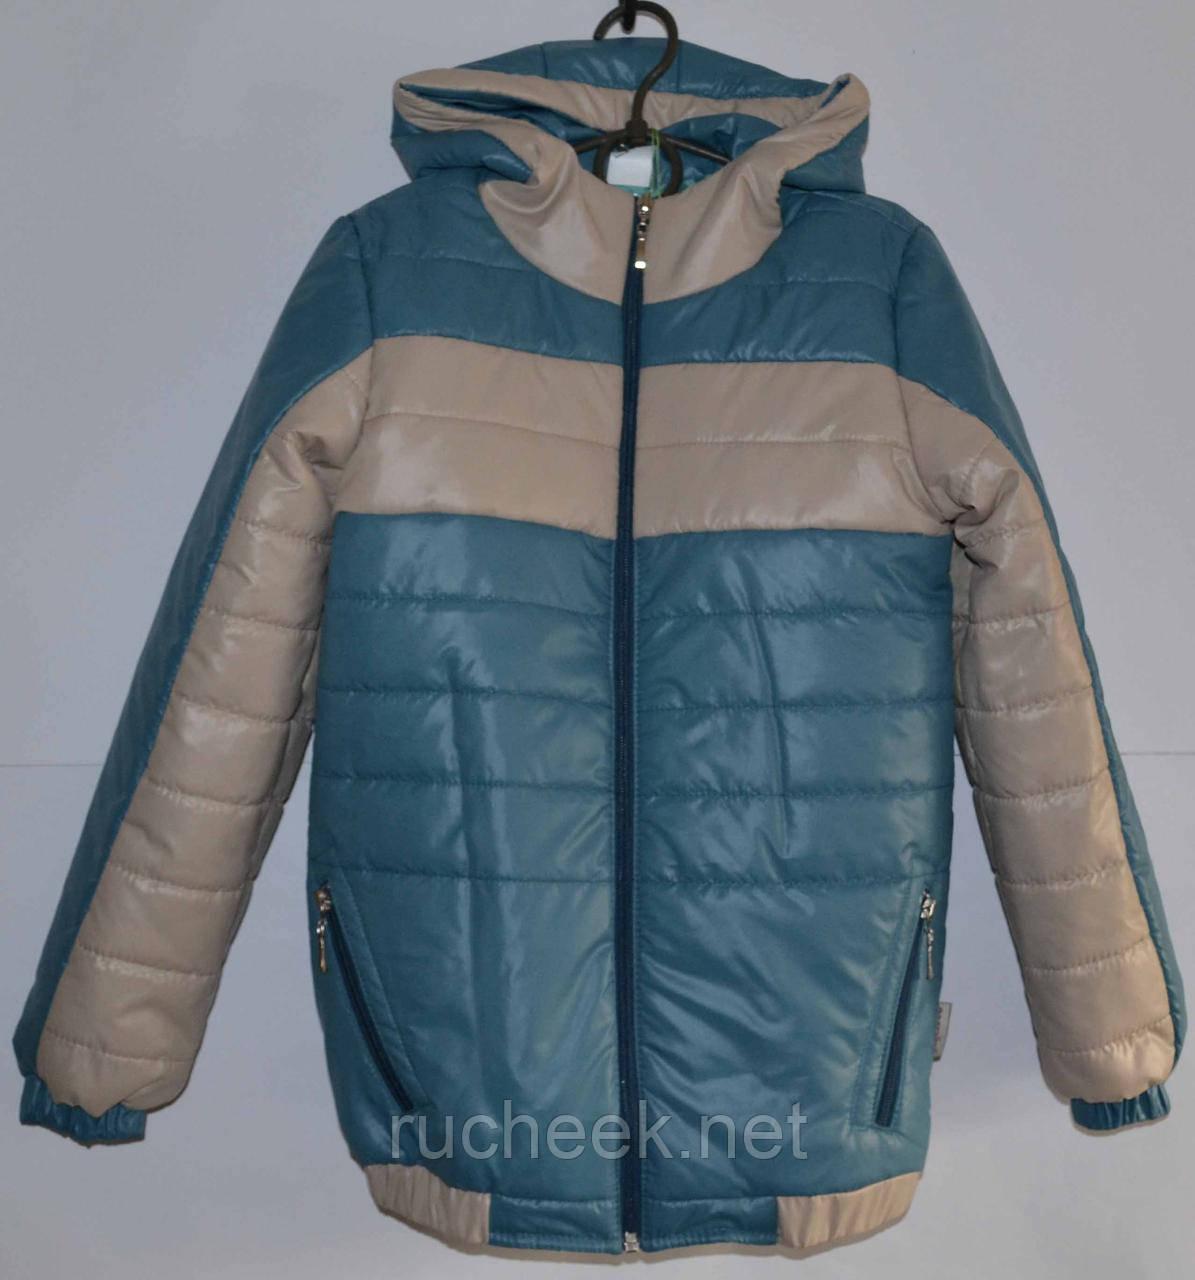 Куртка для мальчика осень, р-р 140, ТМ Одягайко 140